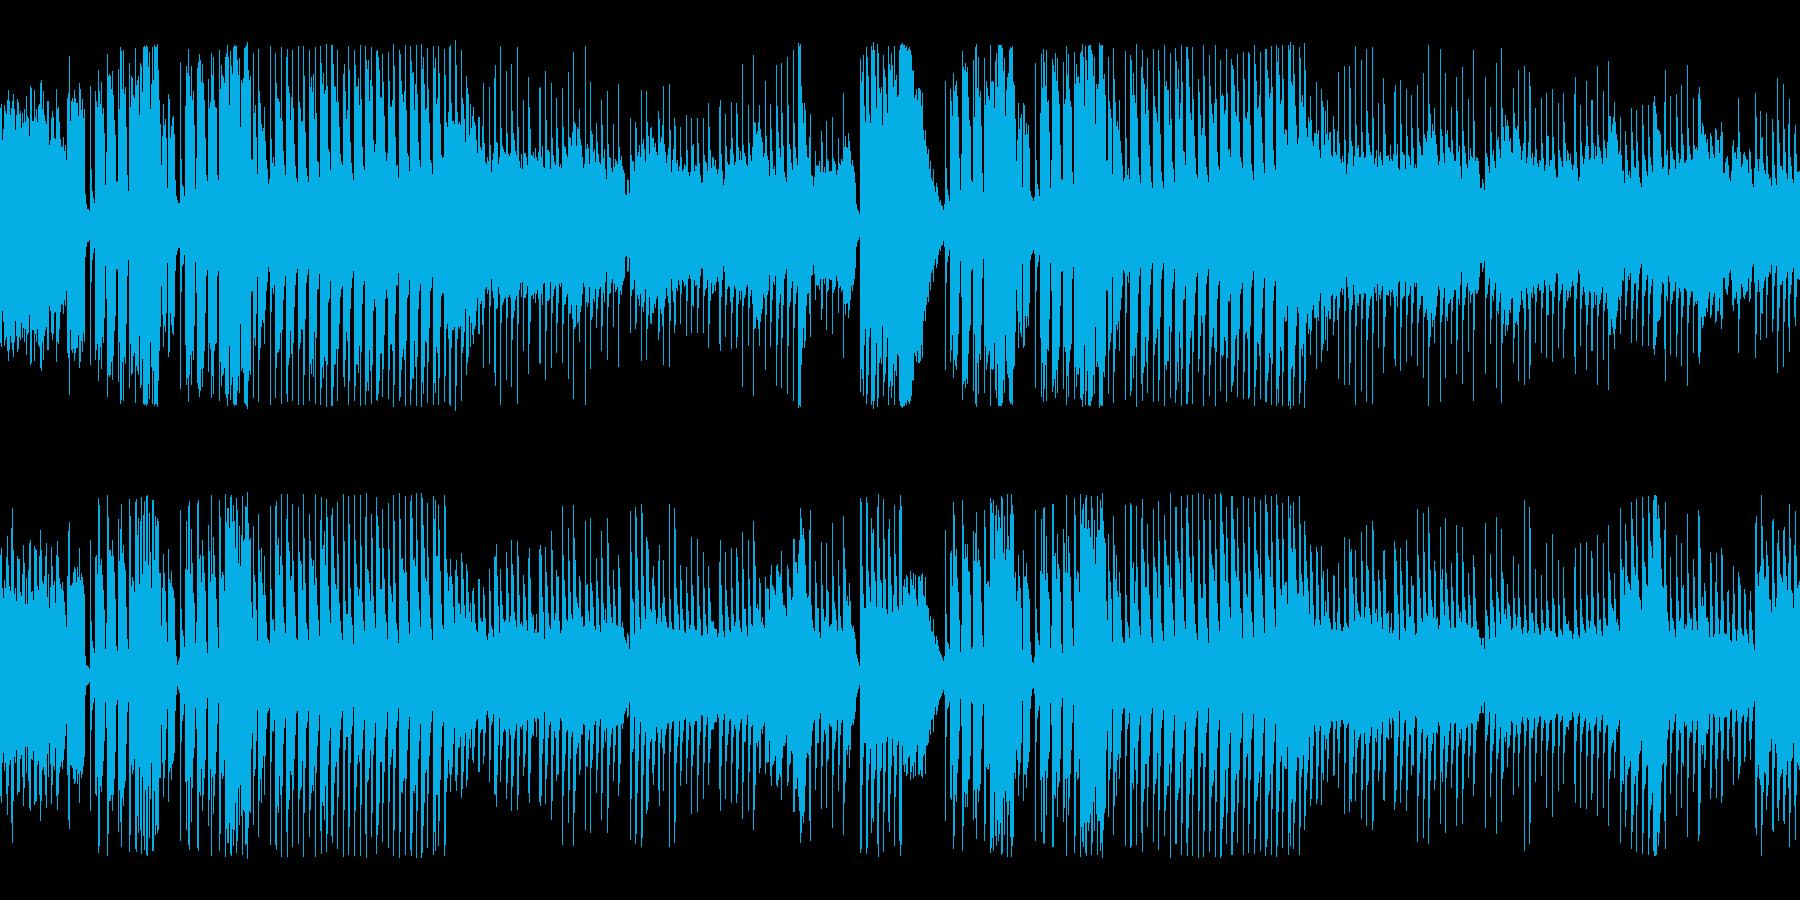 メルヘンかわいいおもちゃのピアノループの再生済みの波形